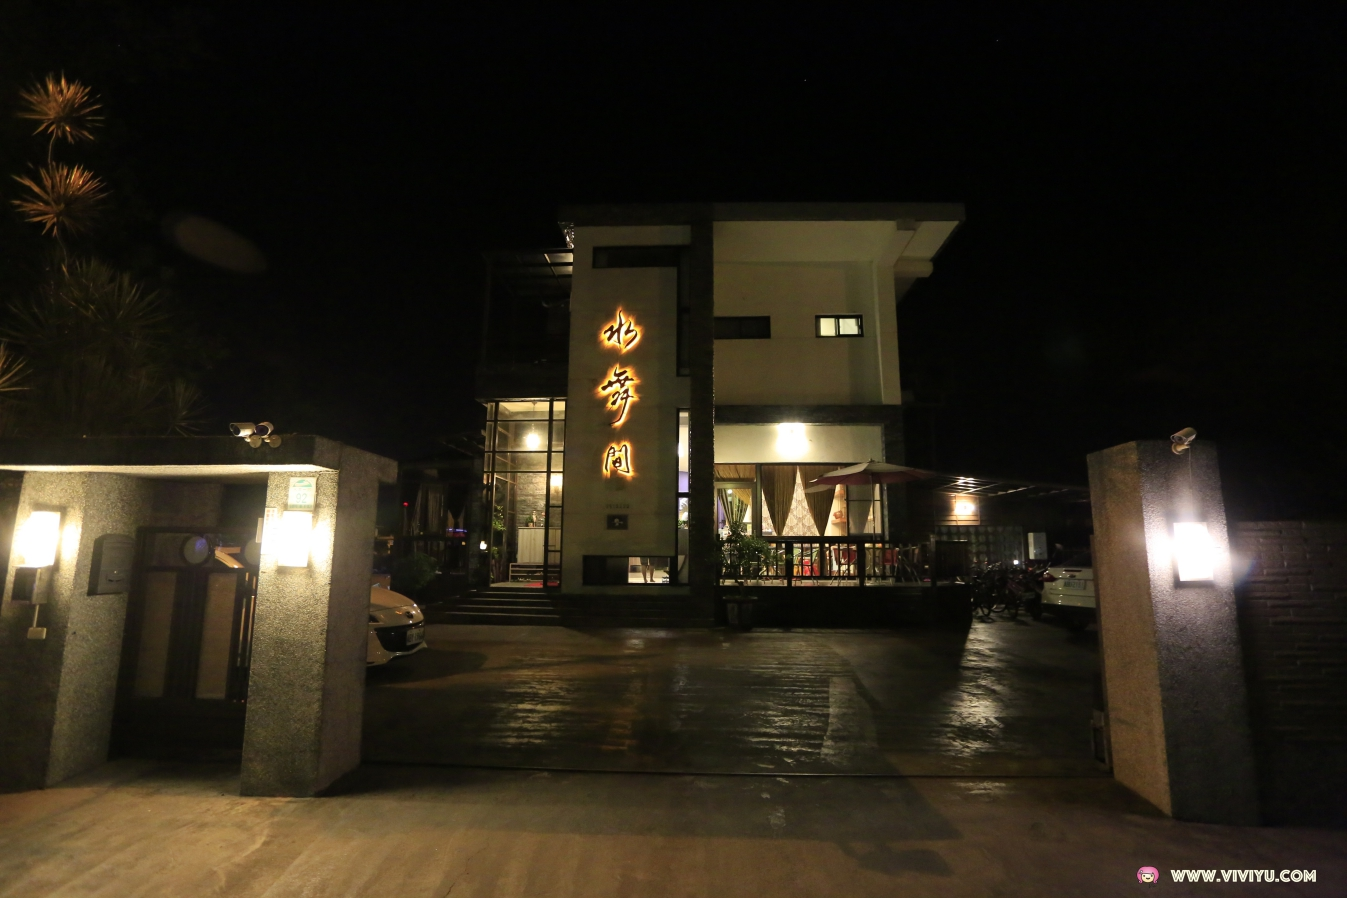 [宜蘭.住宿]水舞間民宿~羅東運動公園附近宿.備有天然天然湧泉可以戲水.都會時尚精緻風格 @VIVIYU小世界